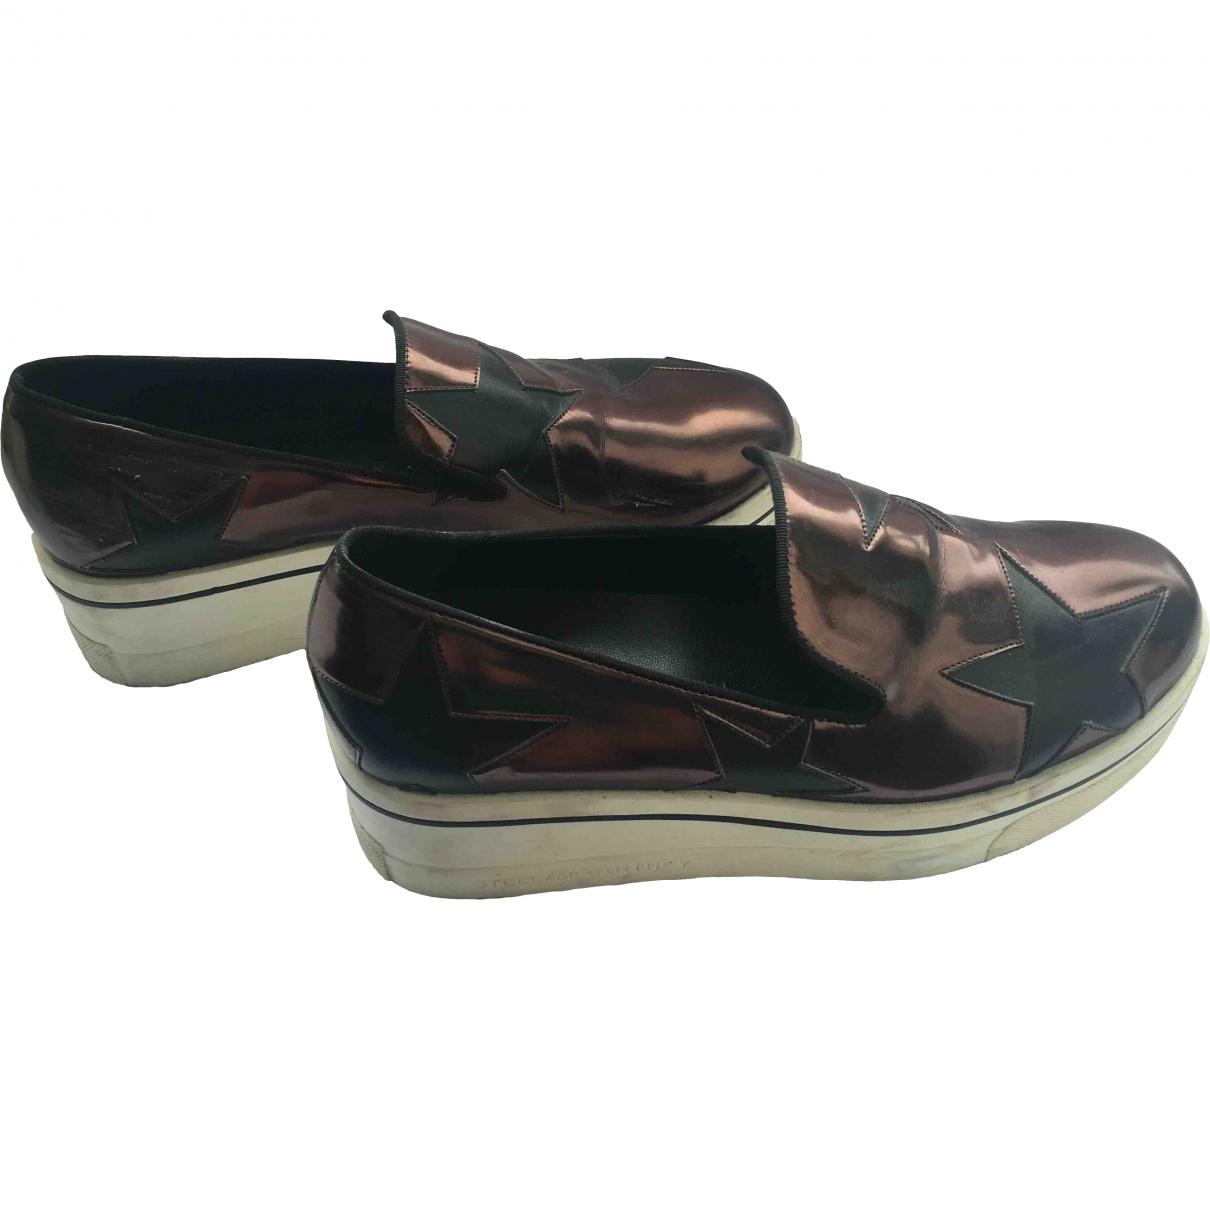 Stella Mccartney Binx Sneakers in  Grau Lackleder